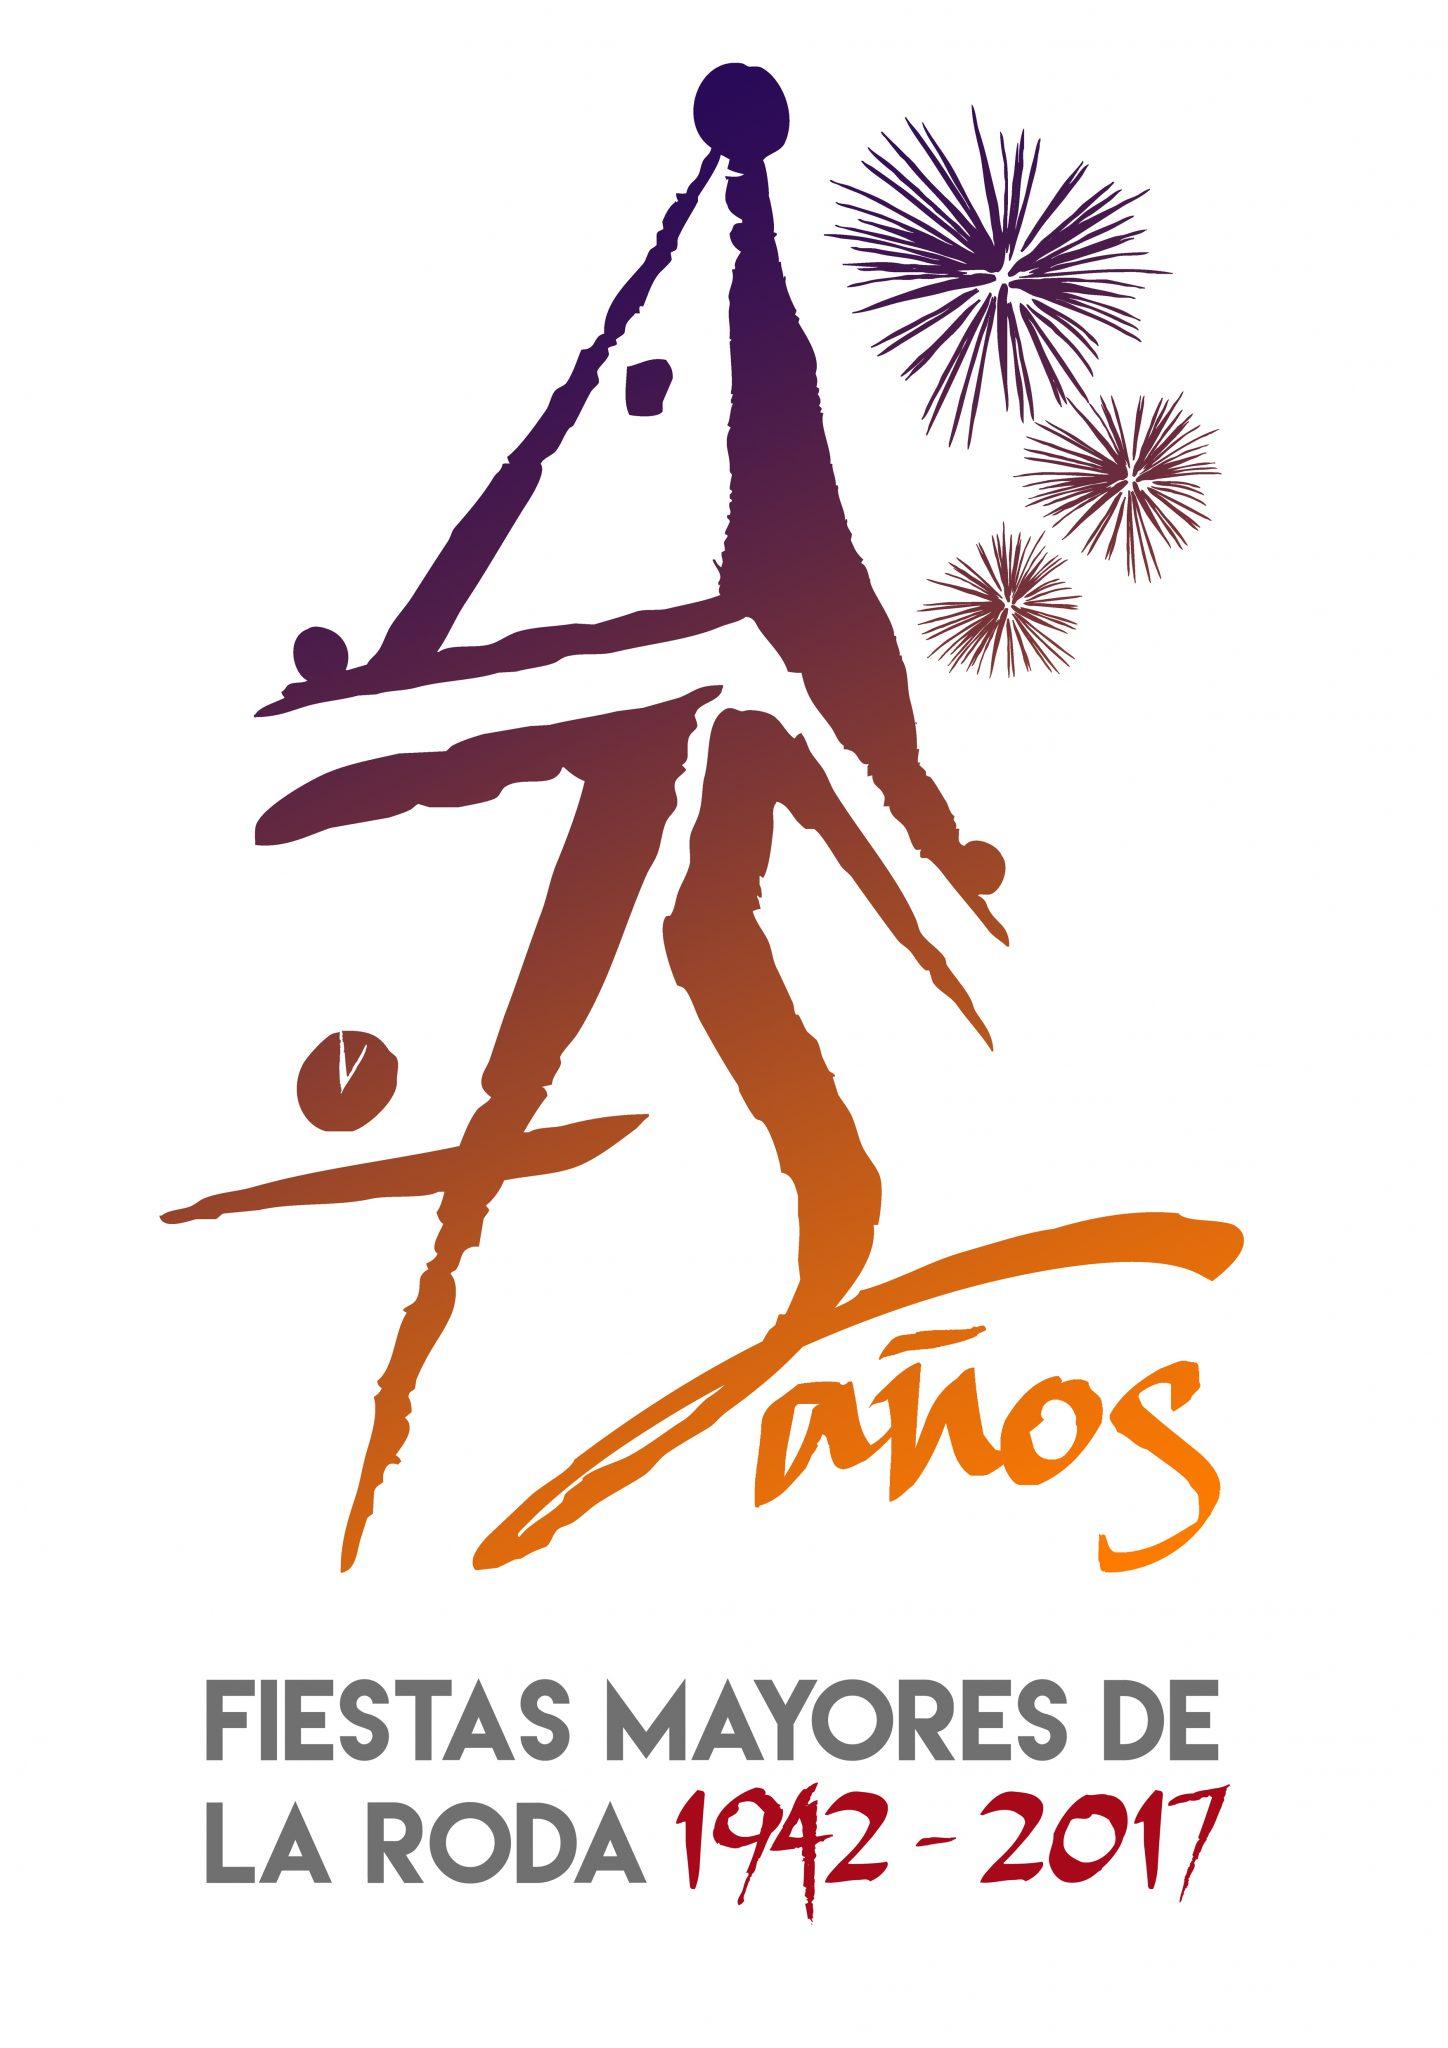 Un Rodense Gana El Concurso Del Logo Del 75 Aniversario De Las Fiestas Patronales